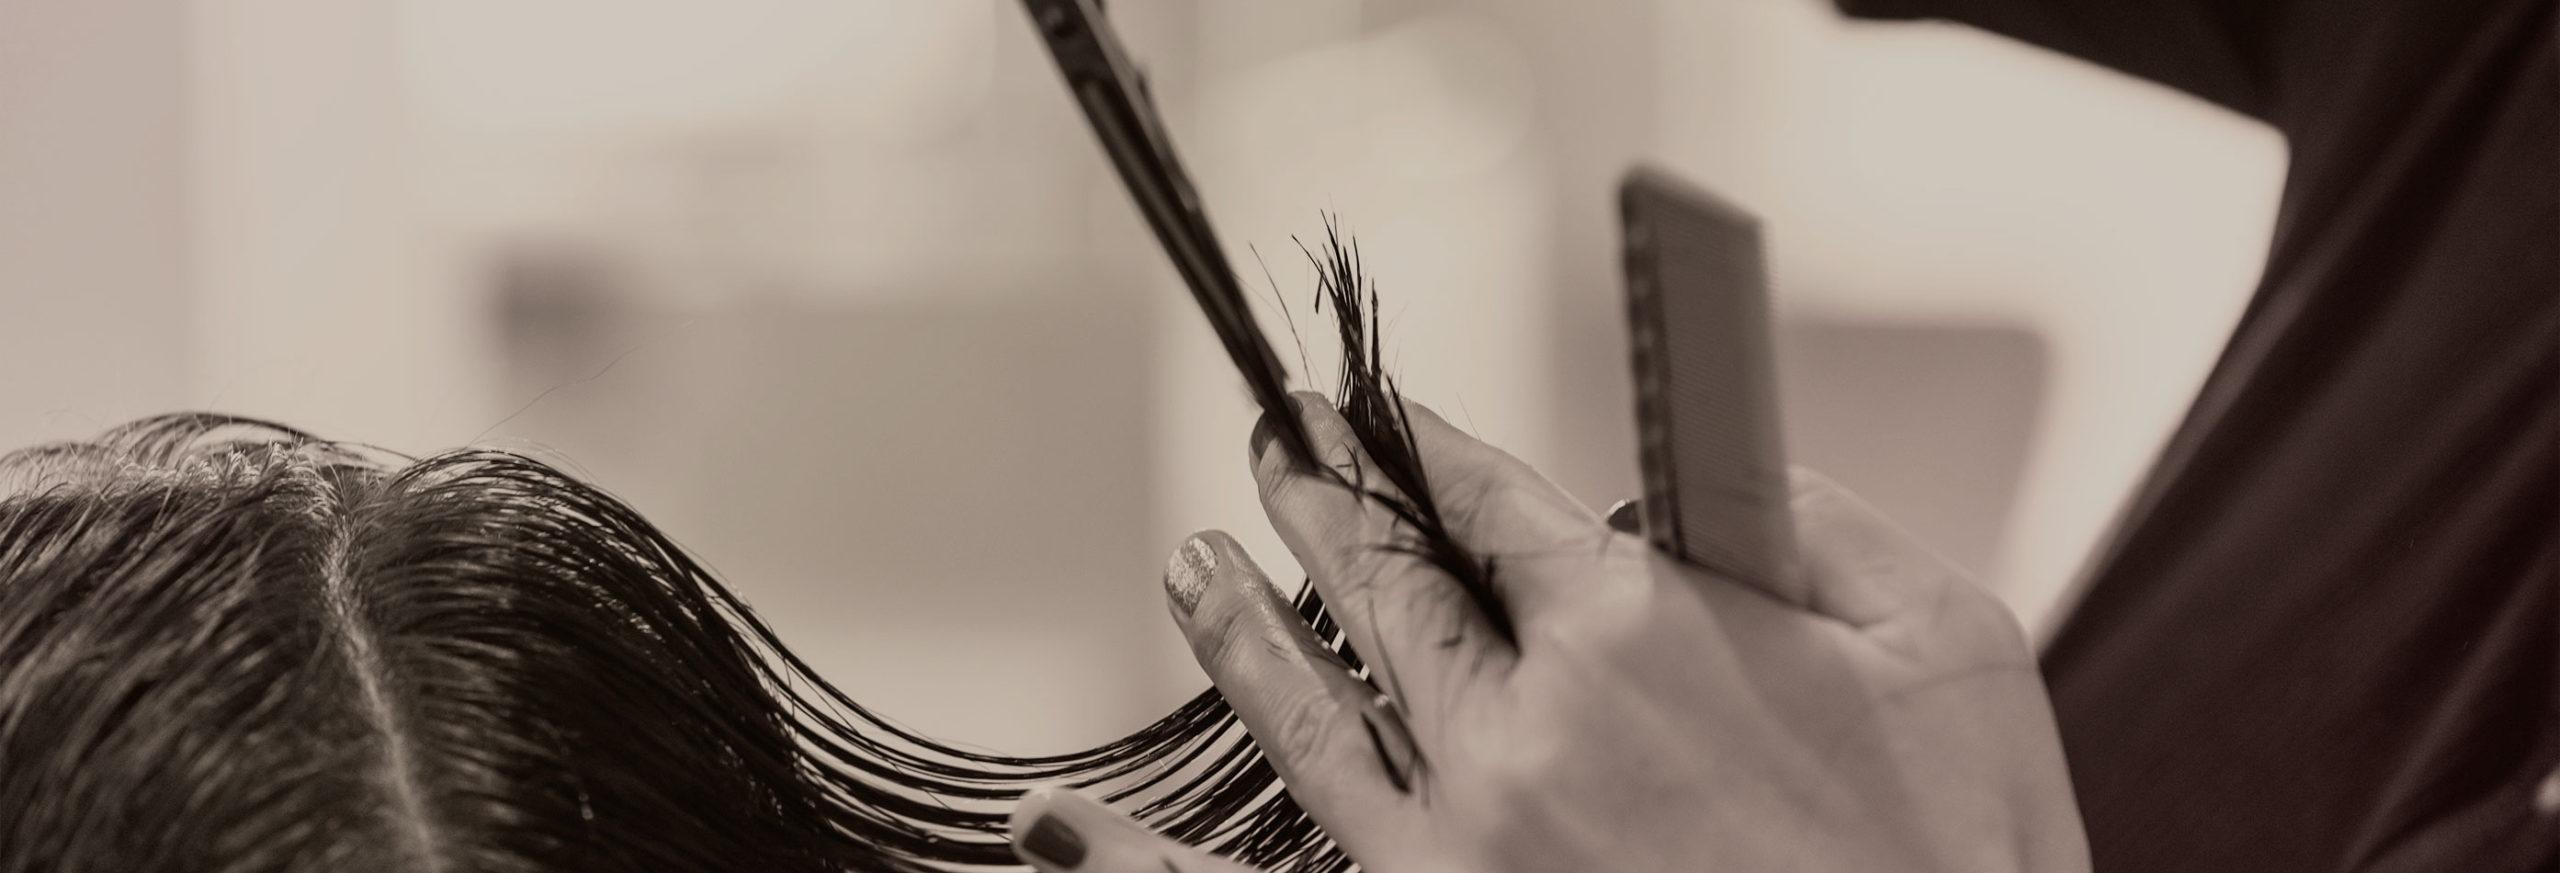 Hair stylist cutting hair